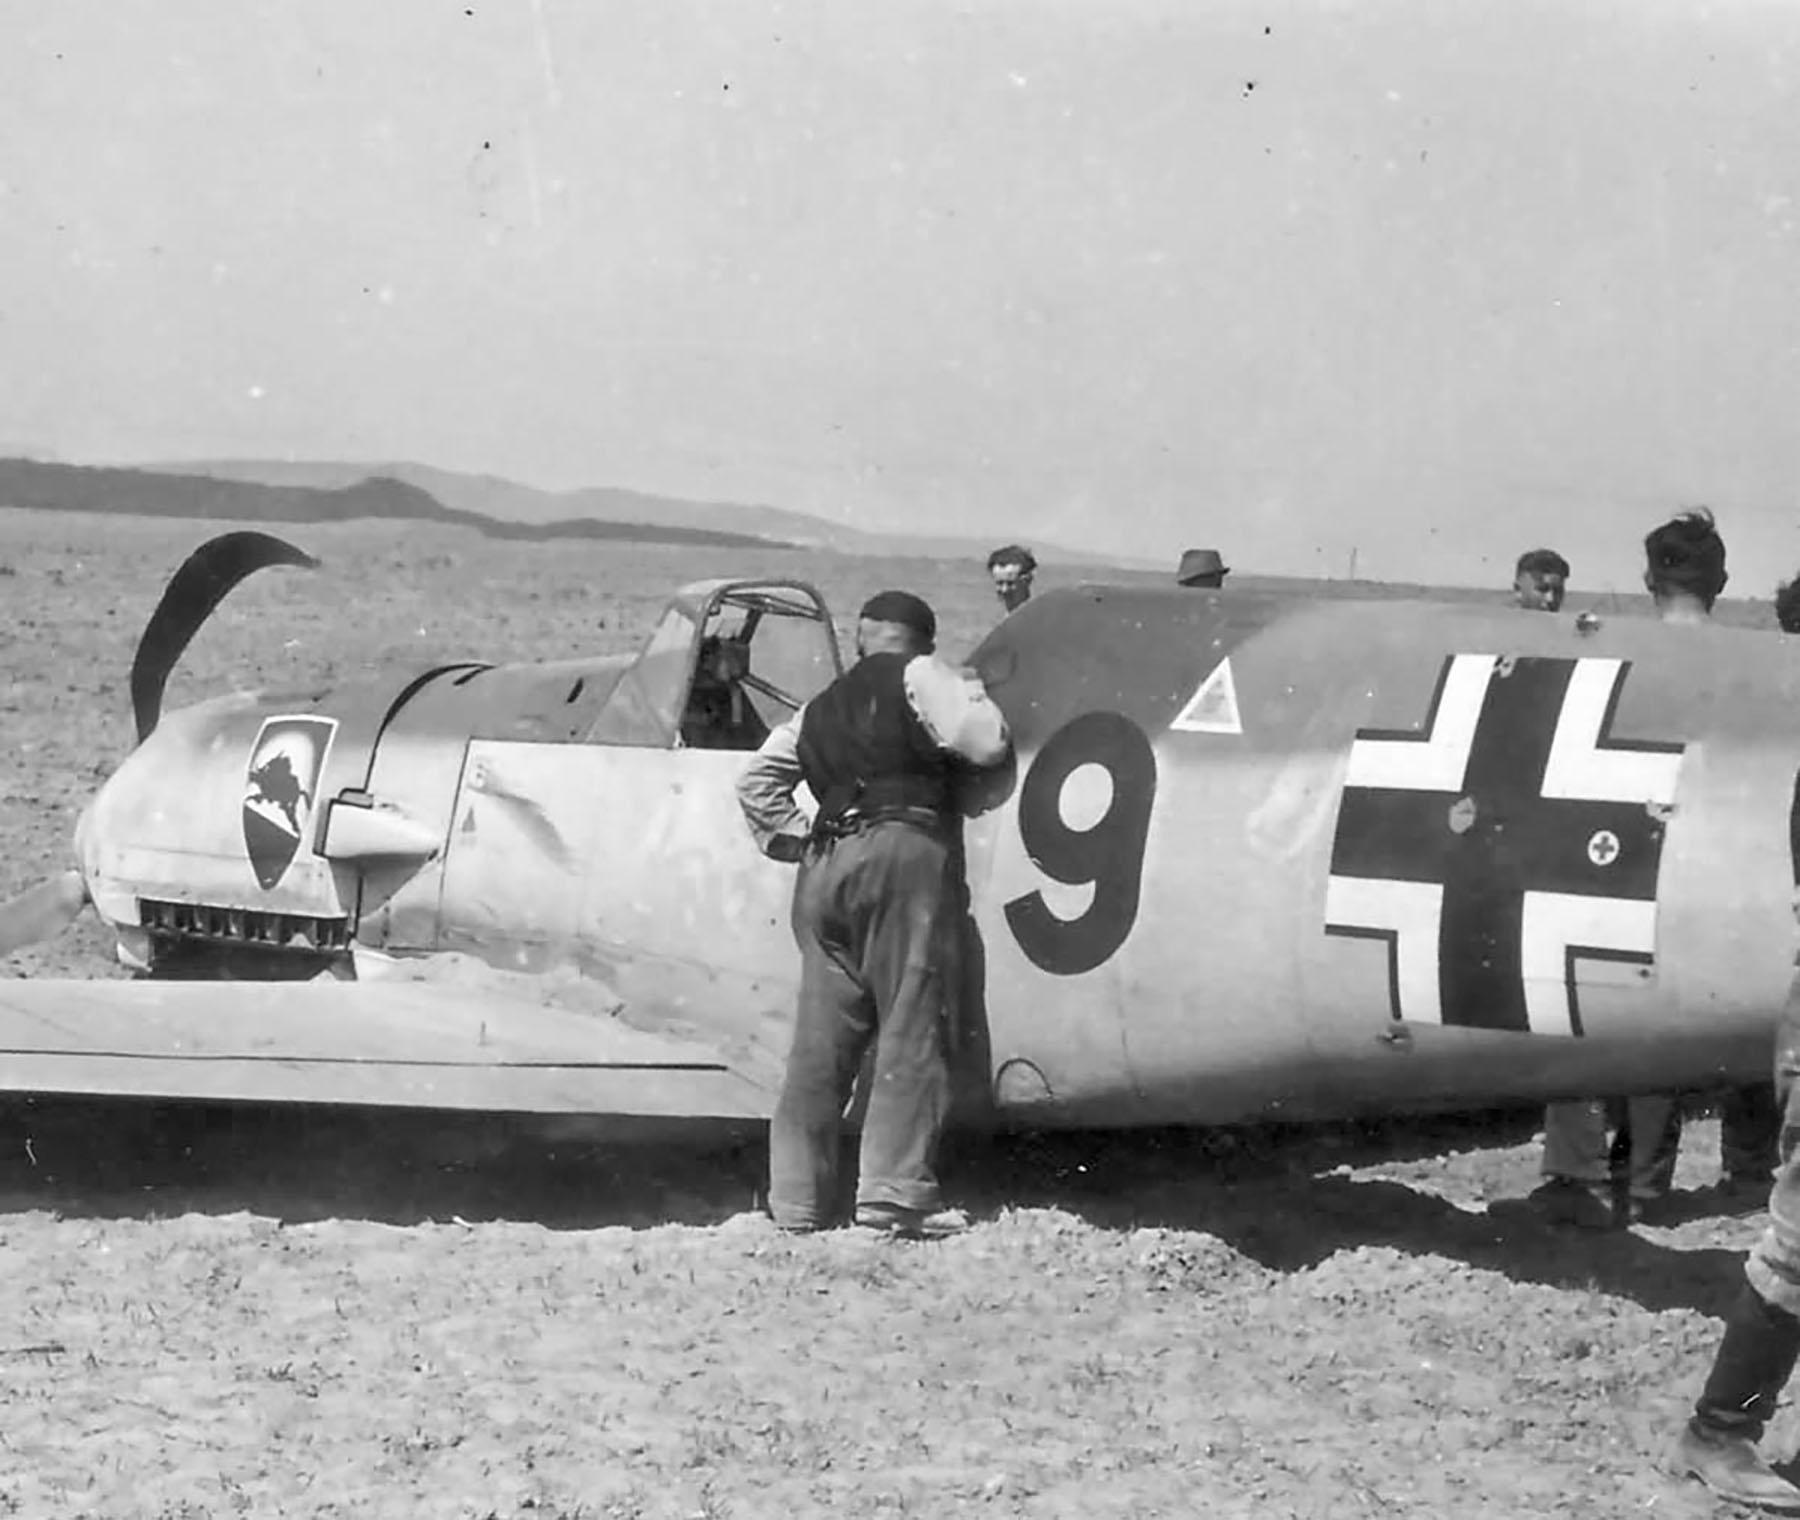 Messerschmitt Bf 109E3 2.JG52 Red 9 force landed 01